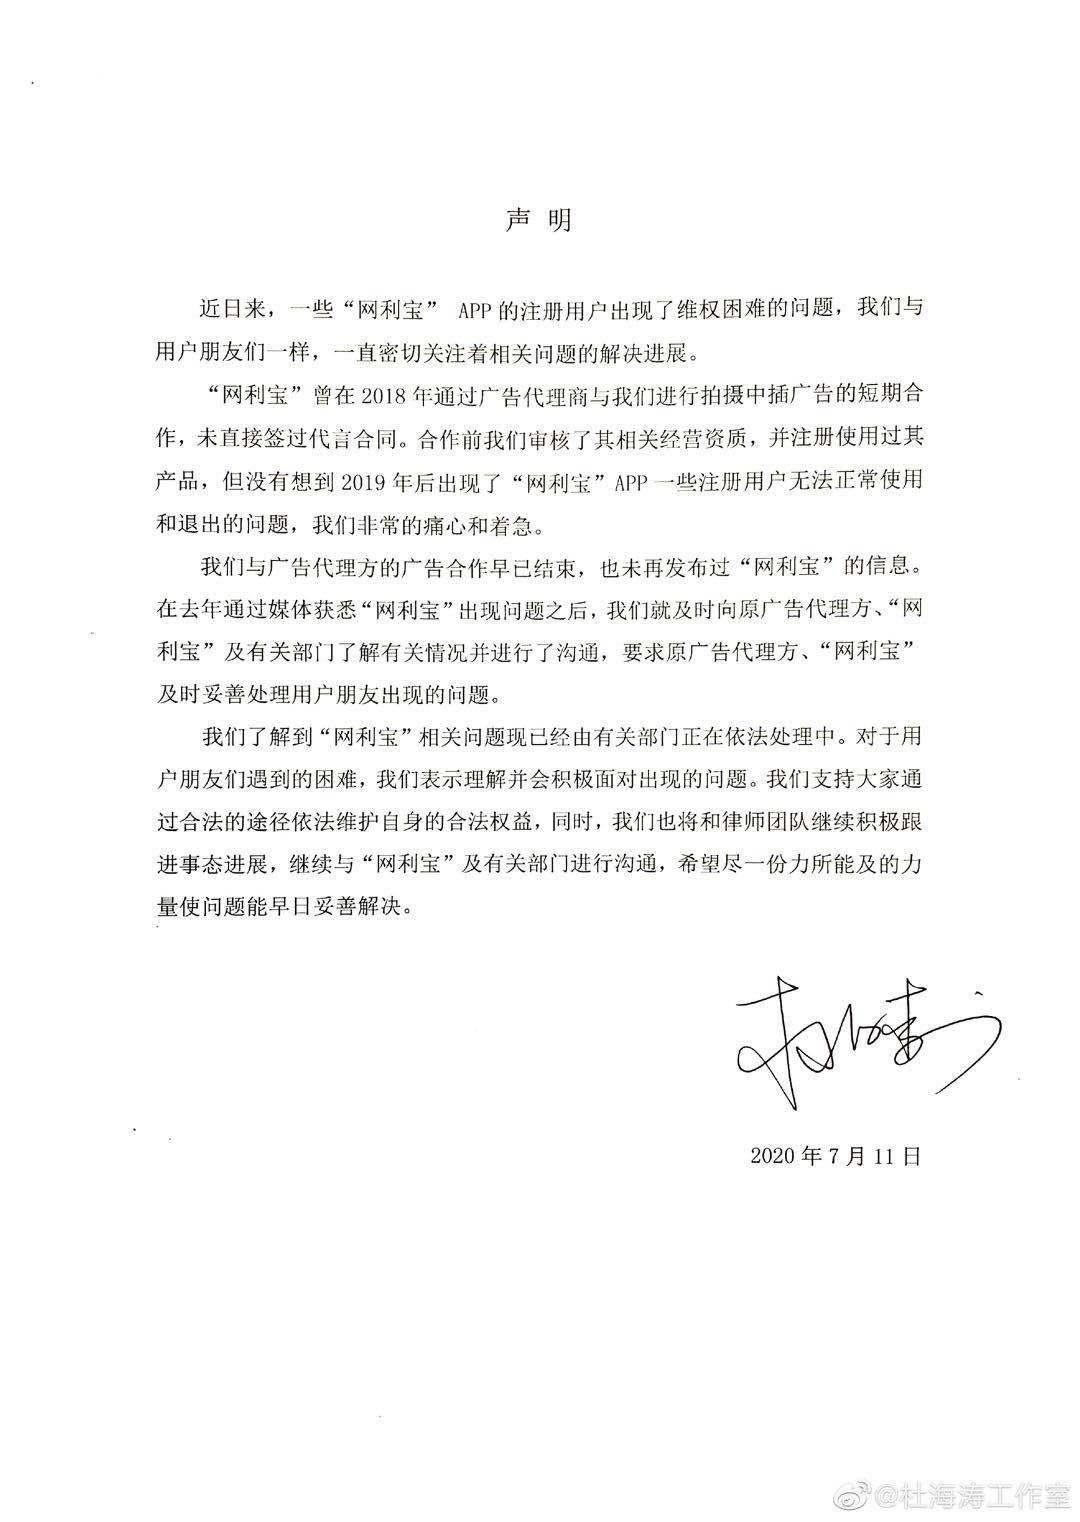 """杜海涛回应网利宝""""爆雷"""":未直接签过代言合同"""